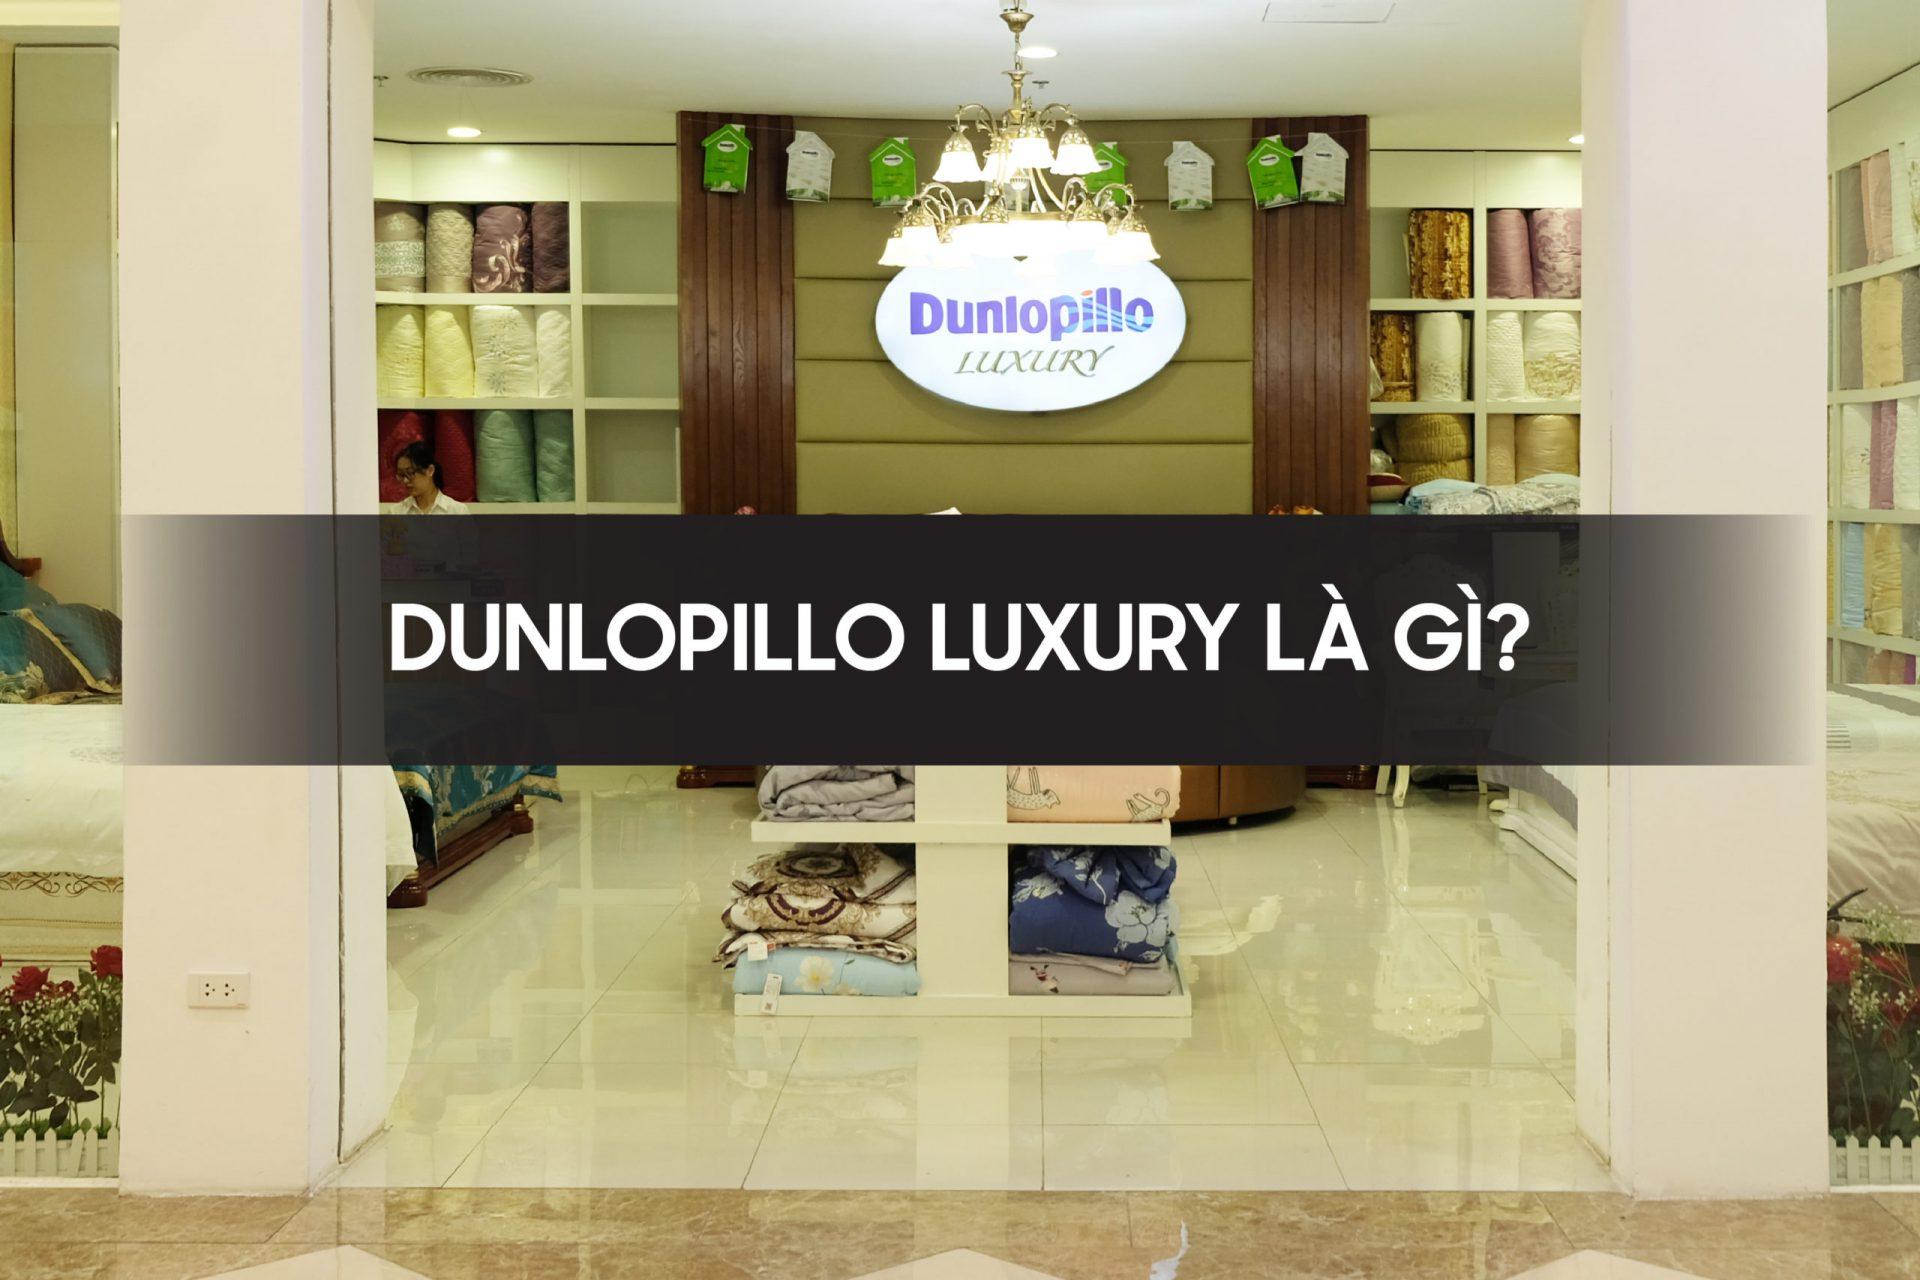 Dunlopillo Luxury là gì?